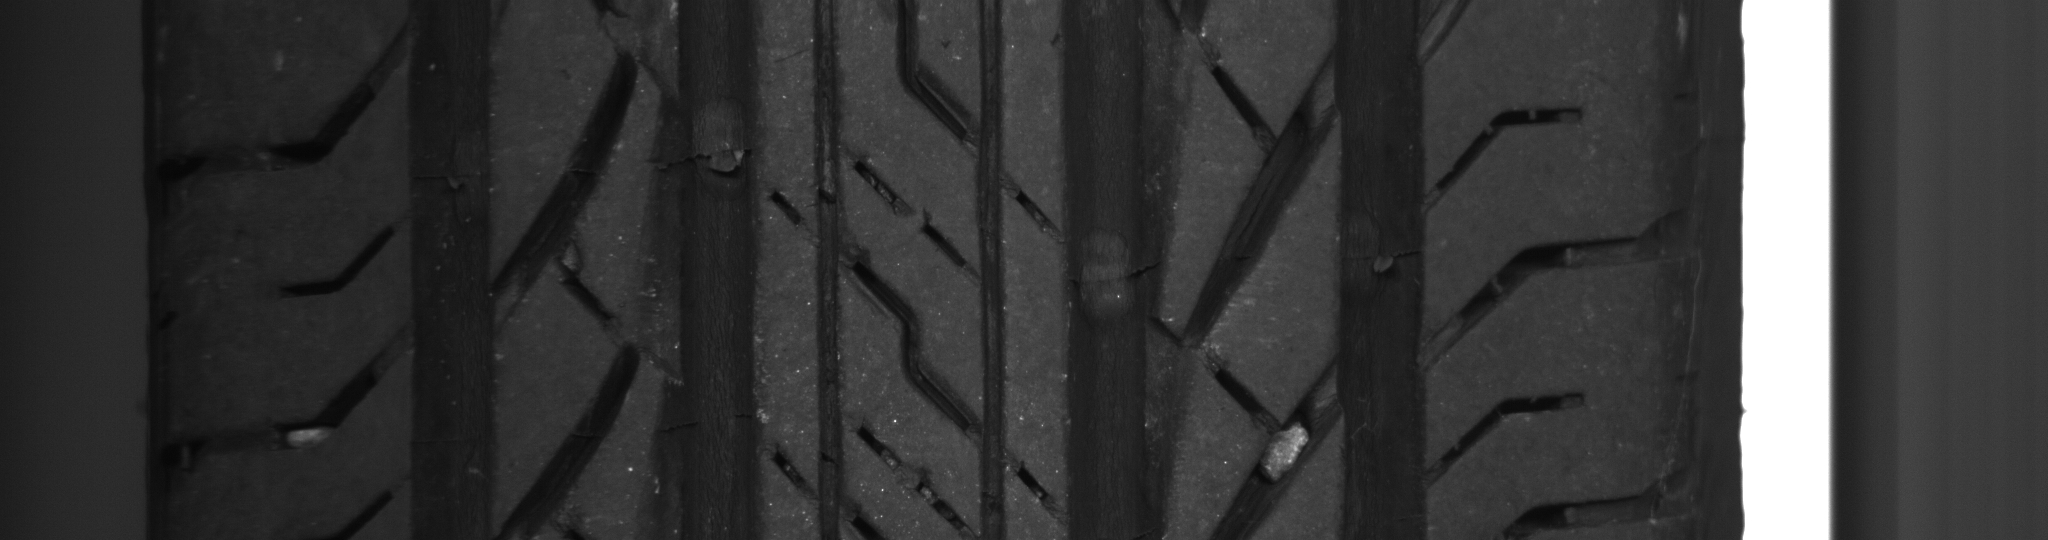 タイヤ  - その他メーカー その他  Ref:SP235214_581     1/1